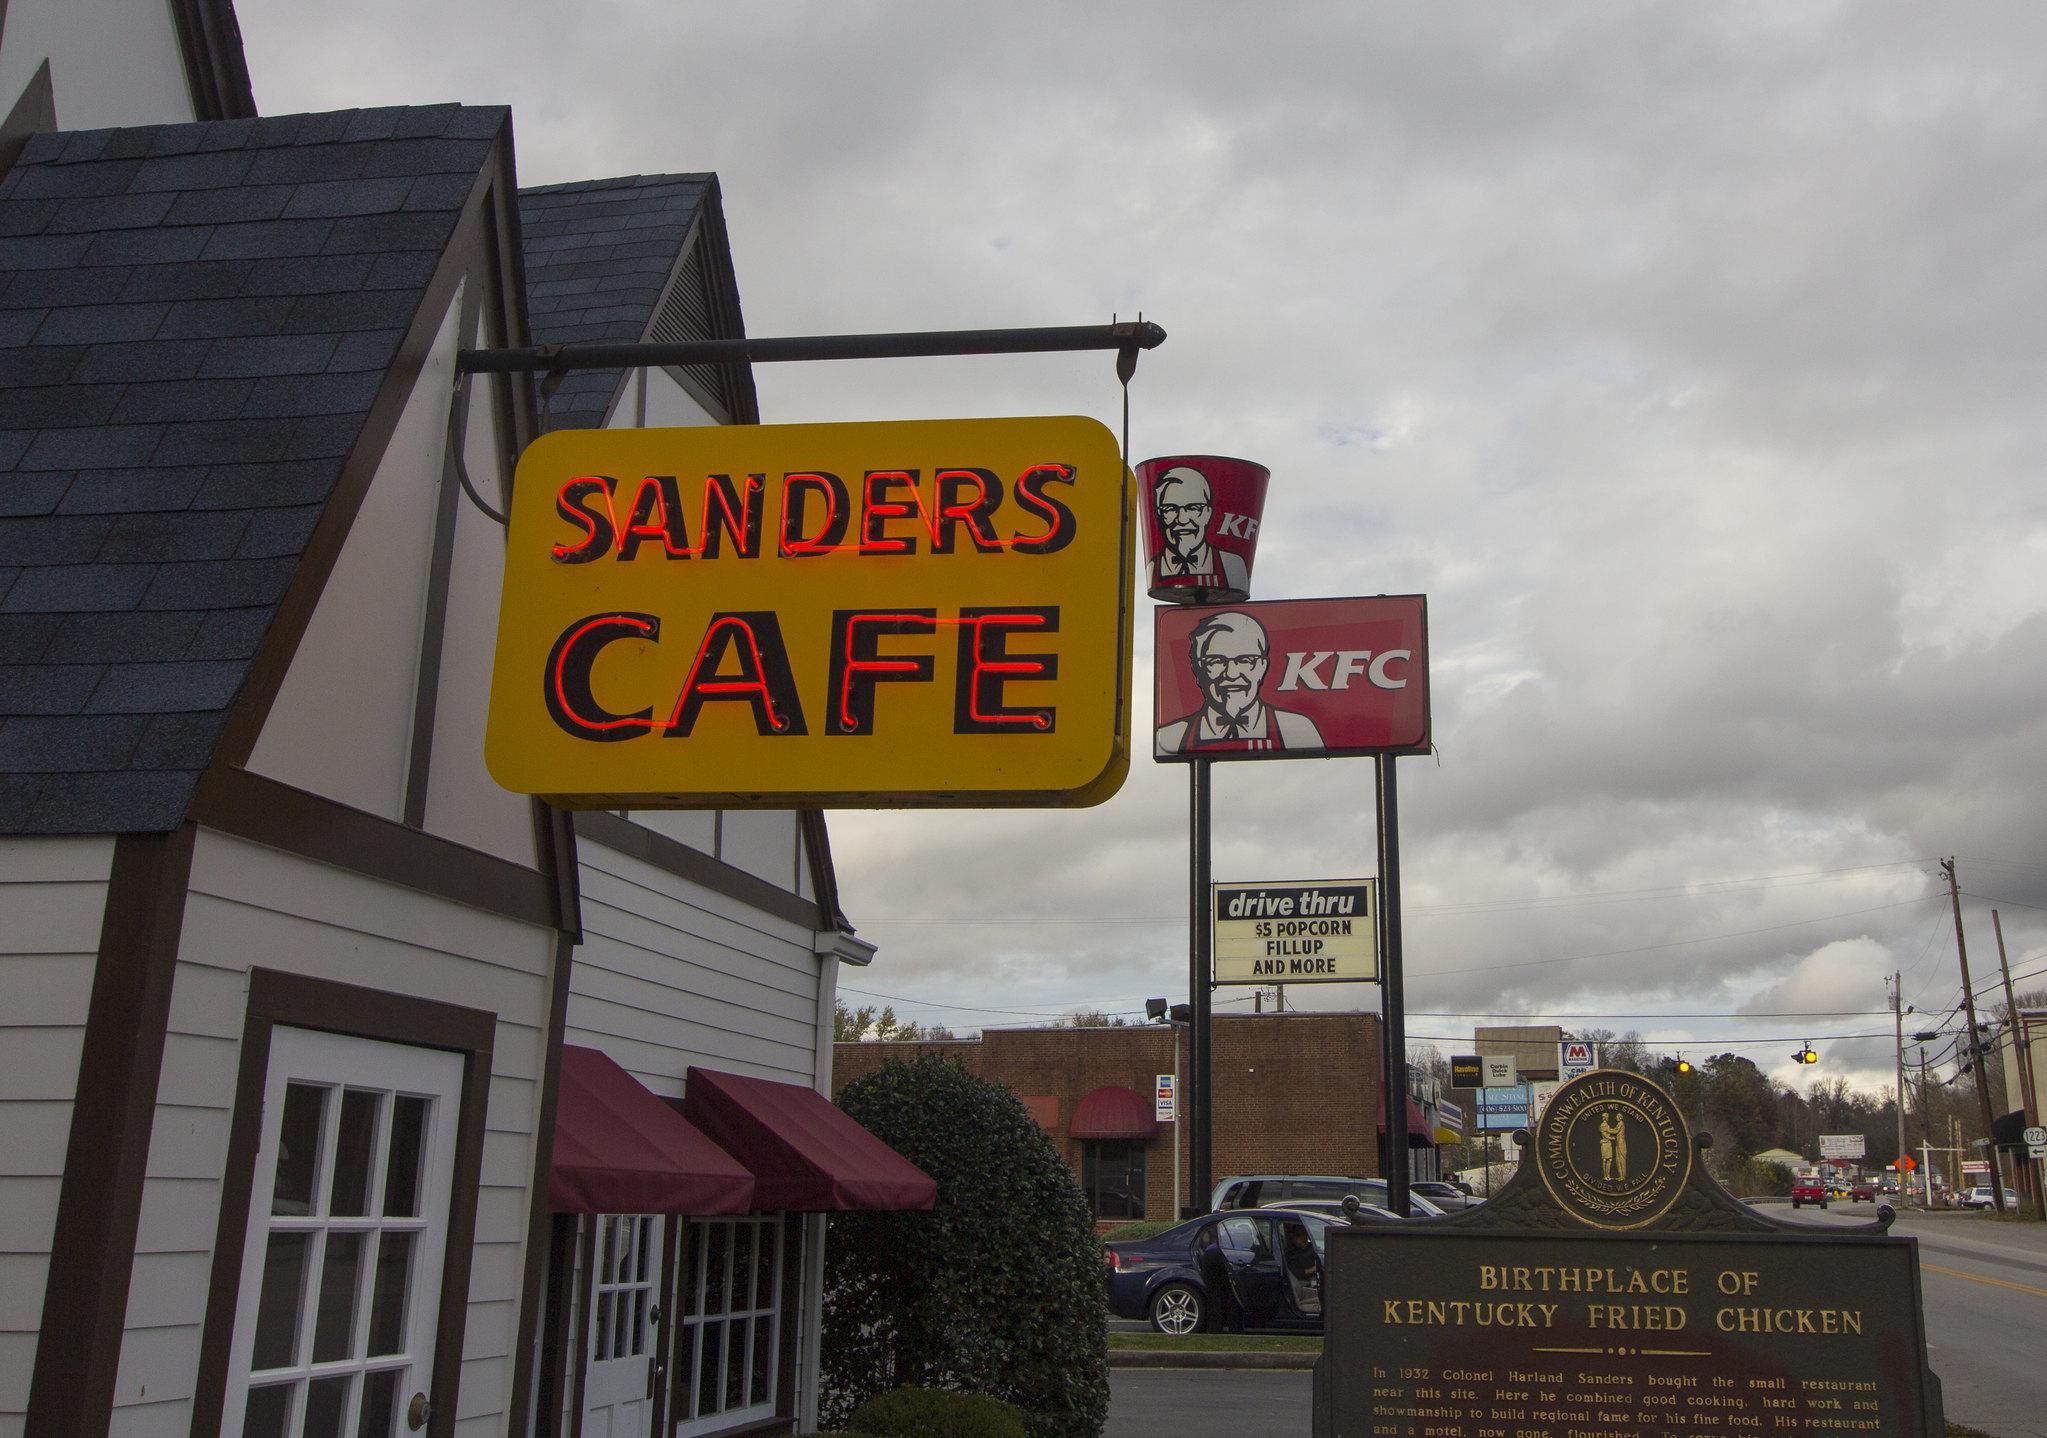 sanders cafe signage